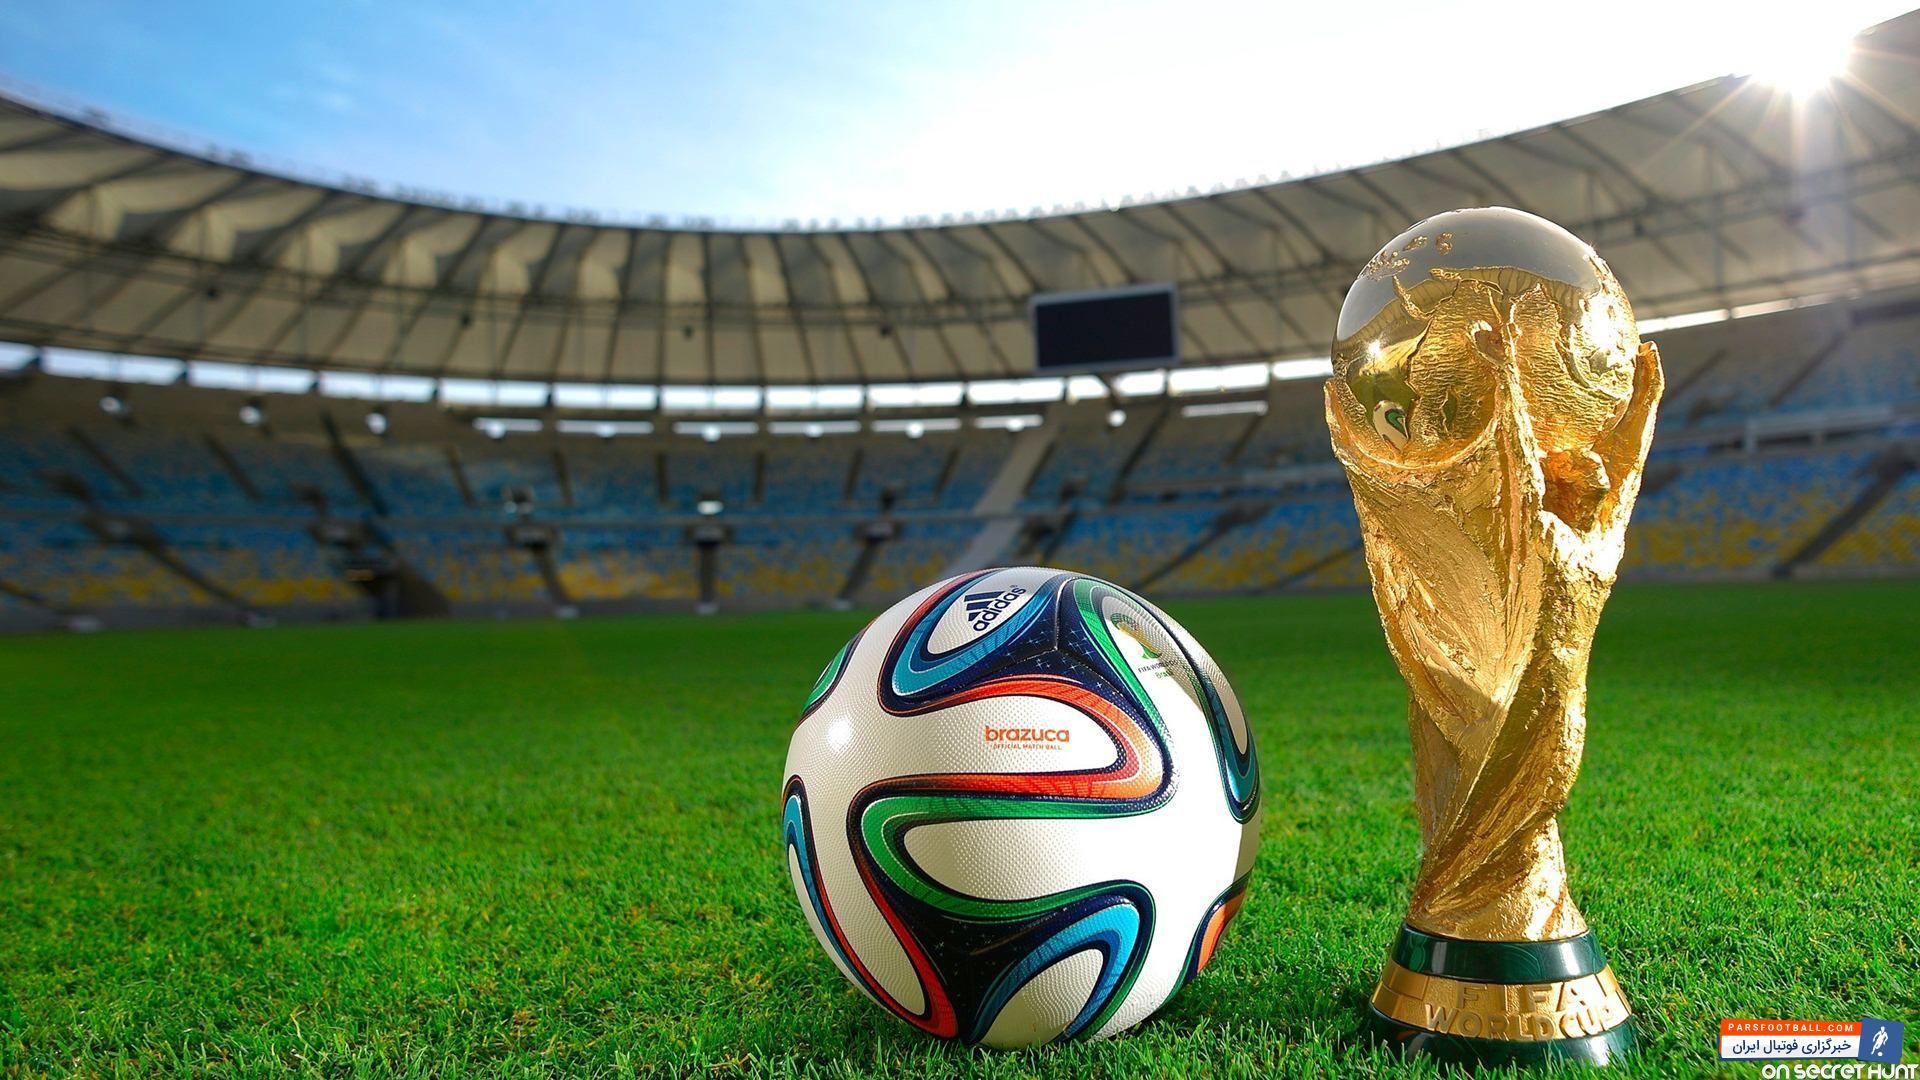 گل های به یاد ماندنی و تماشایی در جام جهانی ؛ خبرگزاری فوتبال ایران